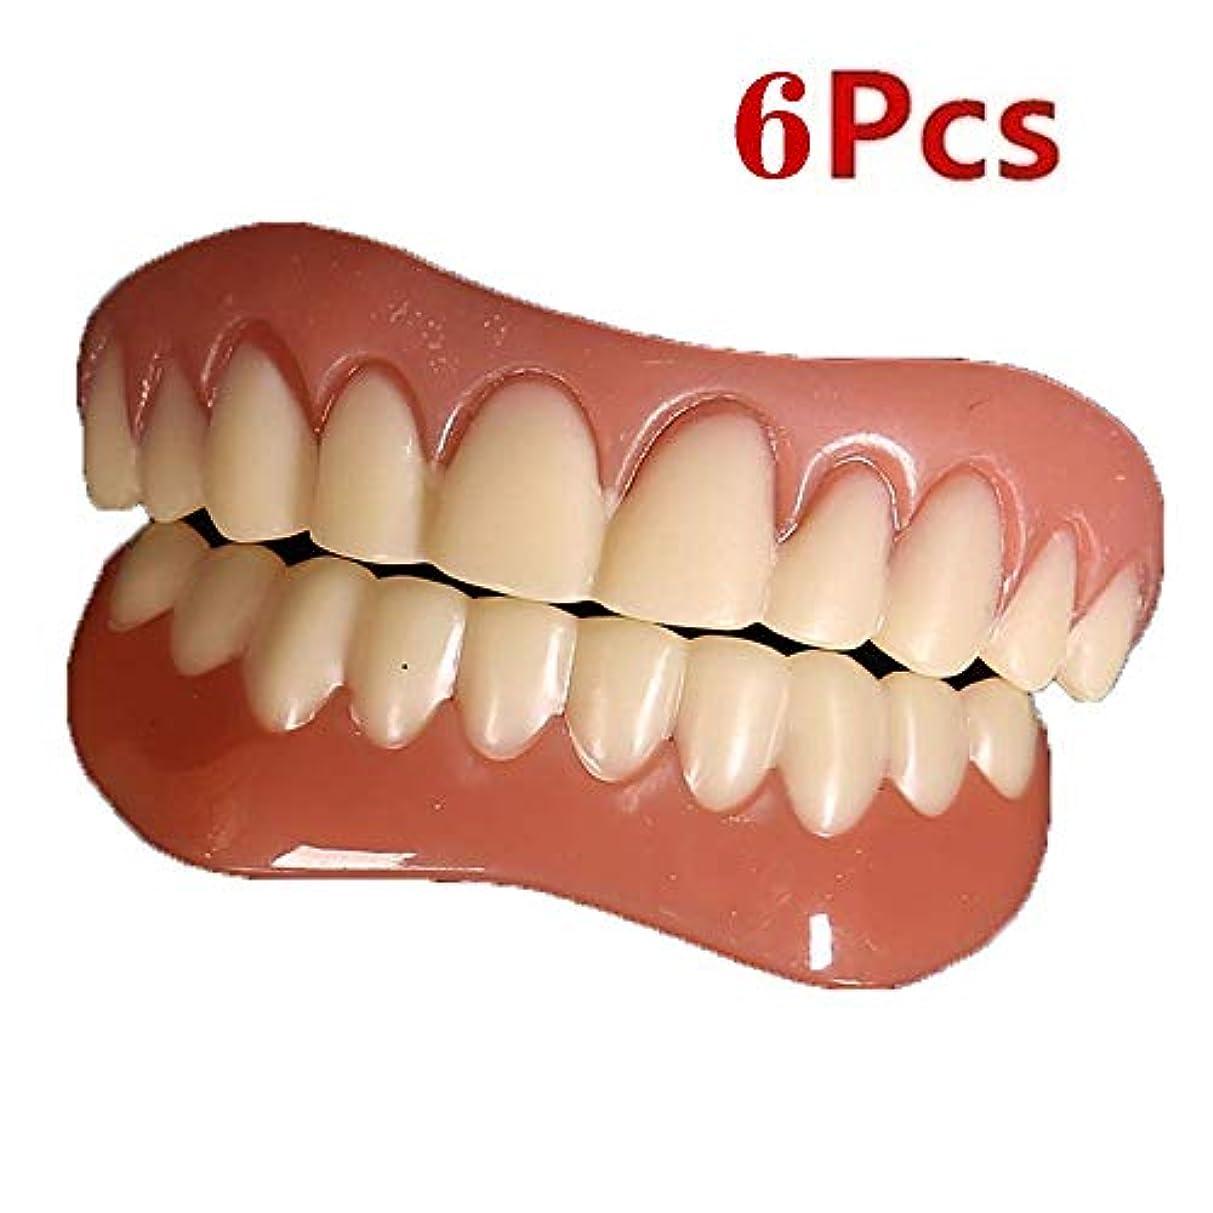 化学薬品右偉業6個のインスタントスマイルの歯アッパーロアーベニアの快適さフィットの歯のベニヤ、ワンサイズは数分以内に自宅であなたの笑顔を直す